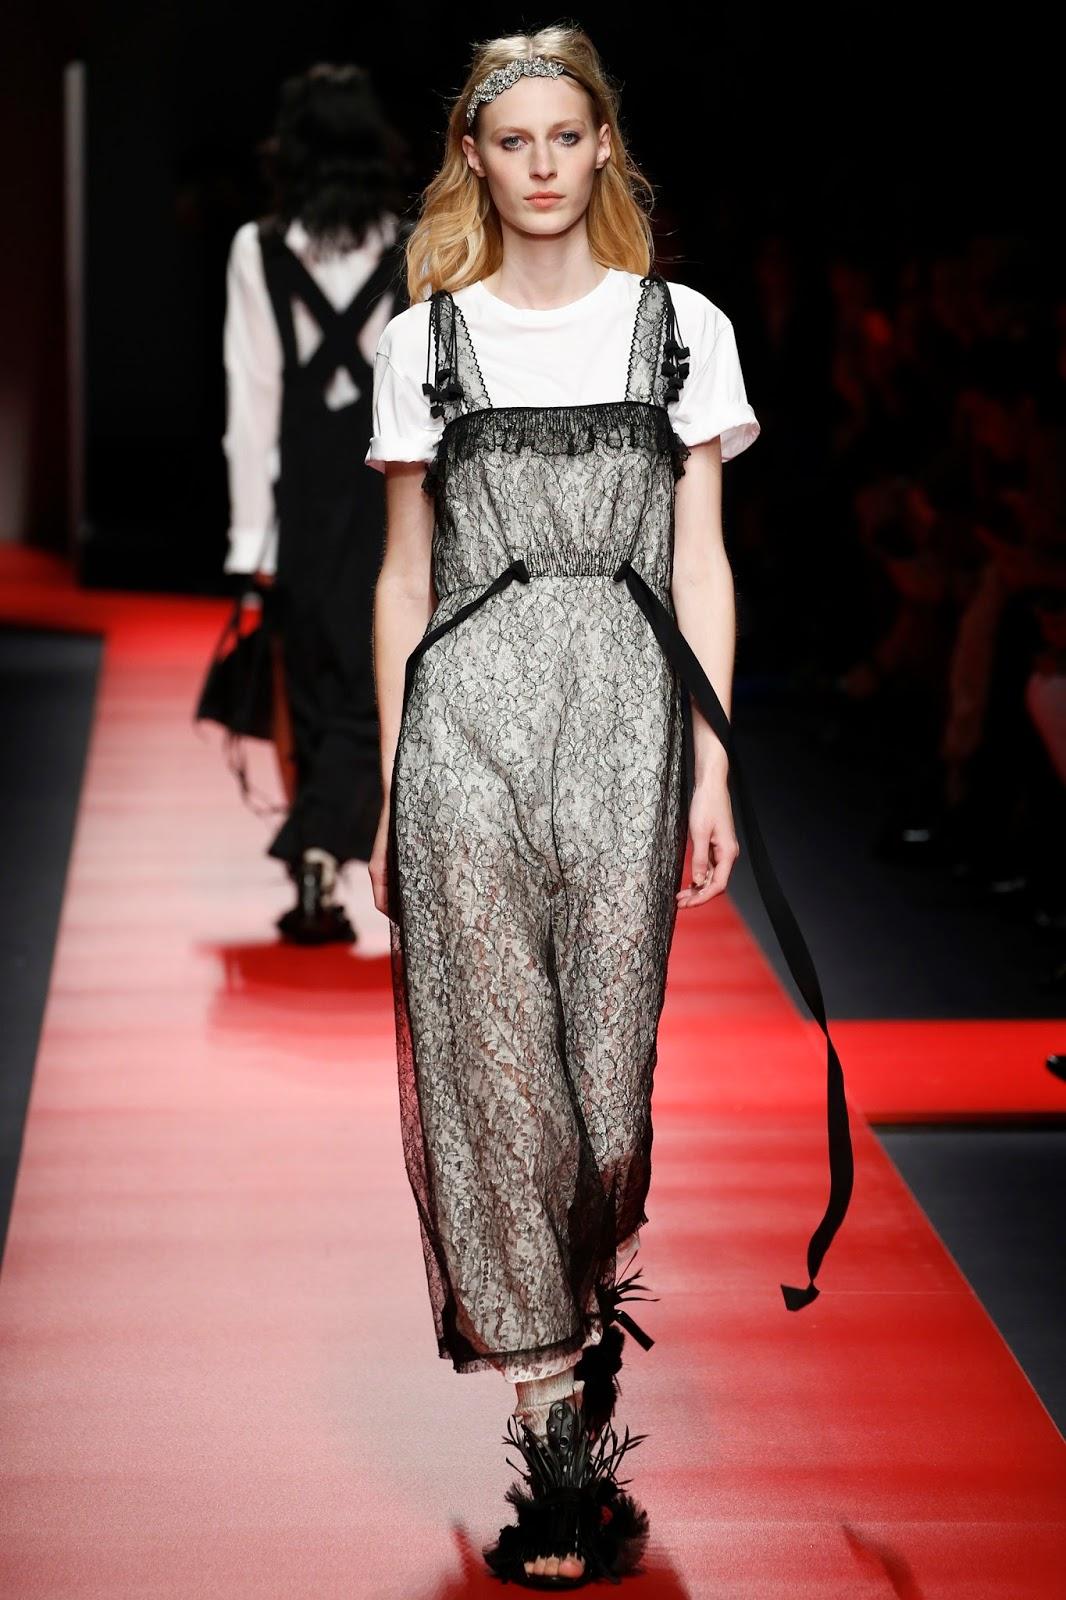 milan fashion week, look, spring 2016, catwalk show, model, lace